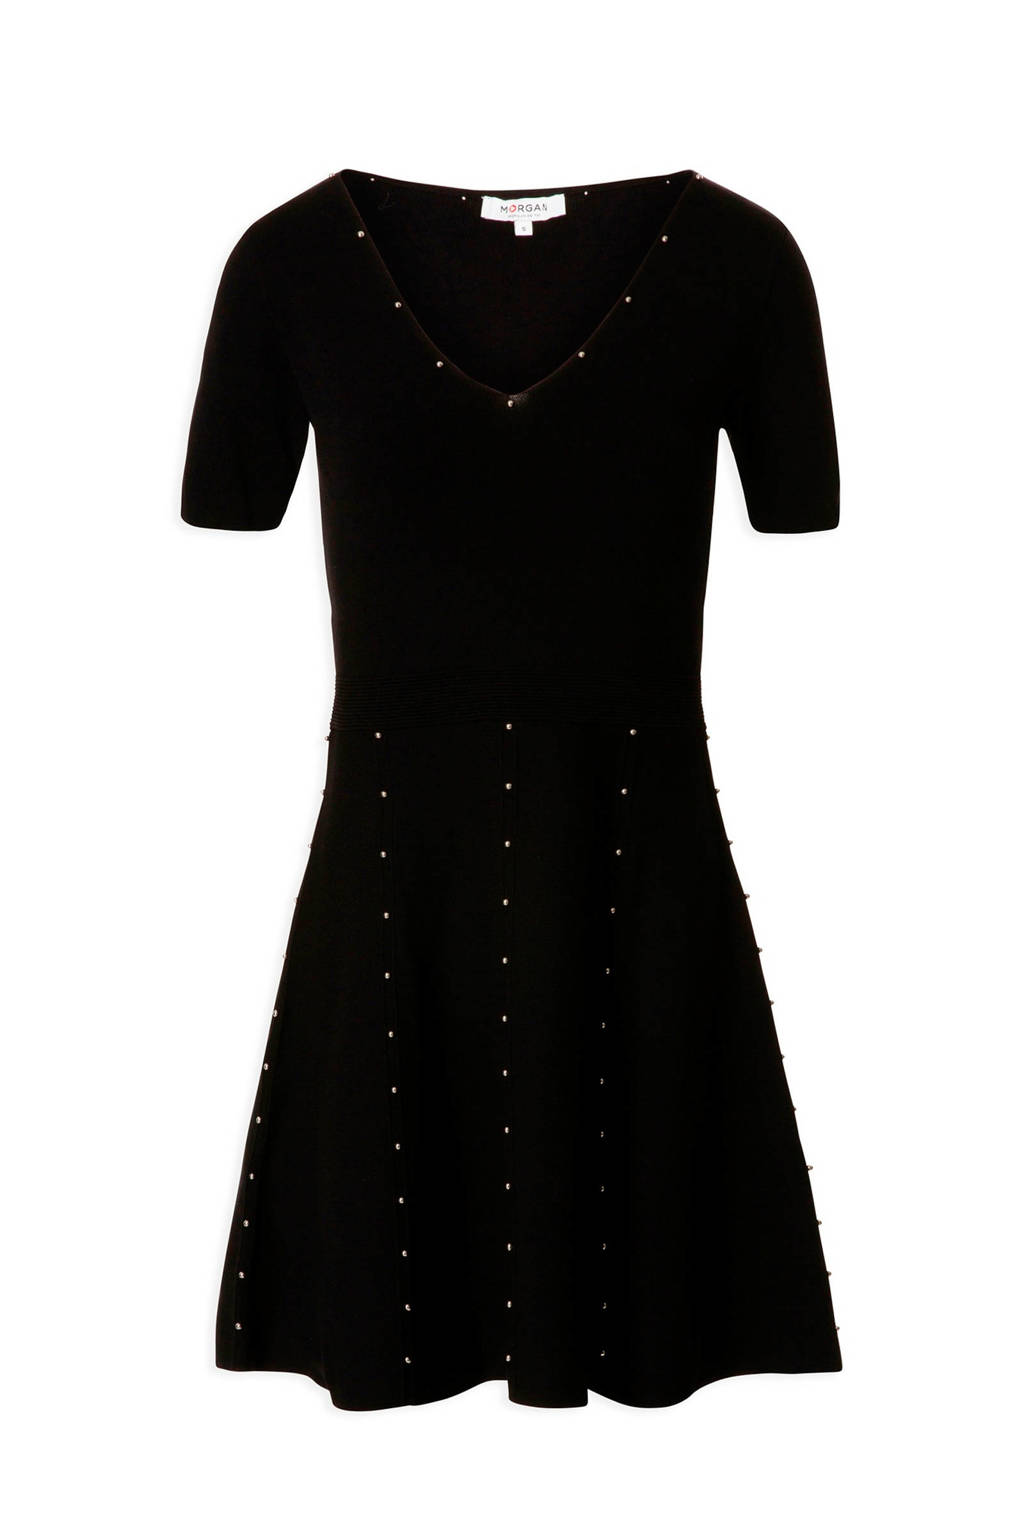 Morgan jurk Moli met kralen zwart, Zwart